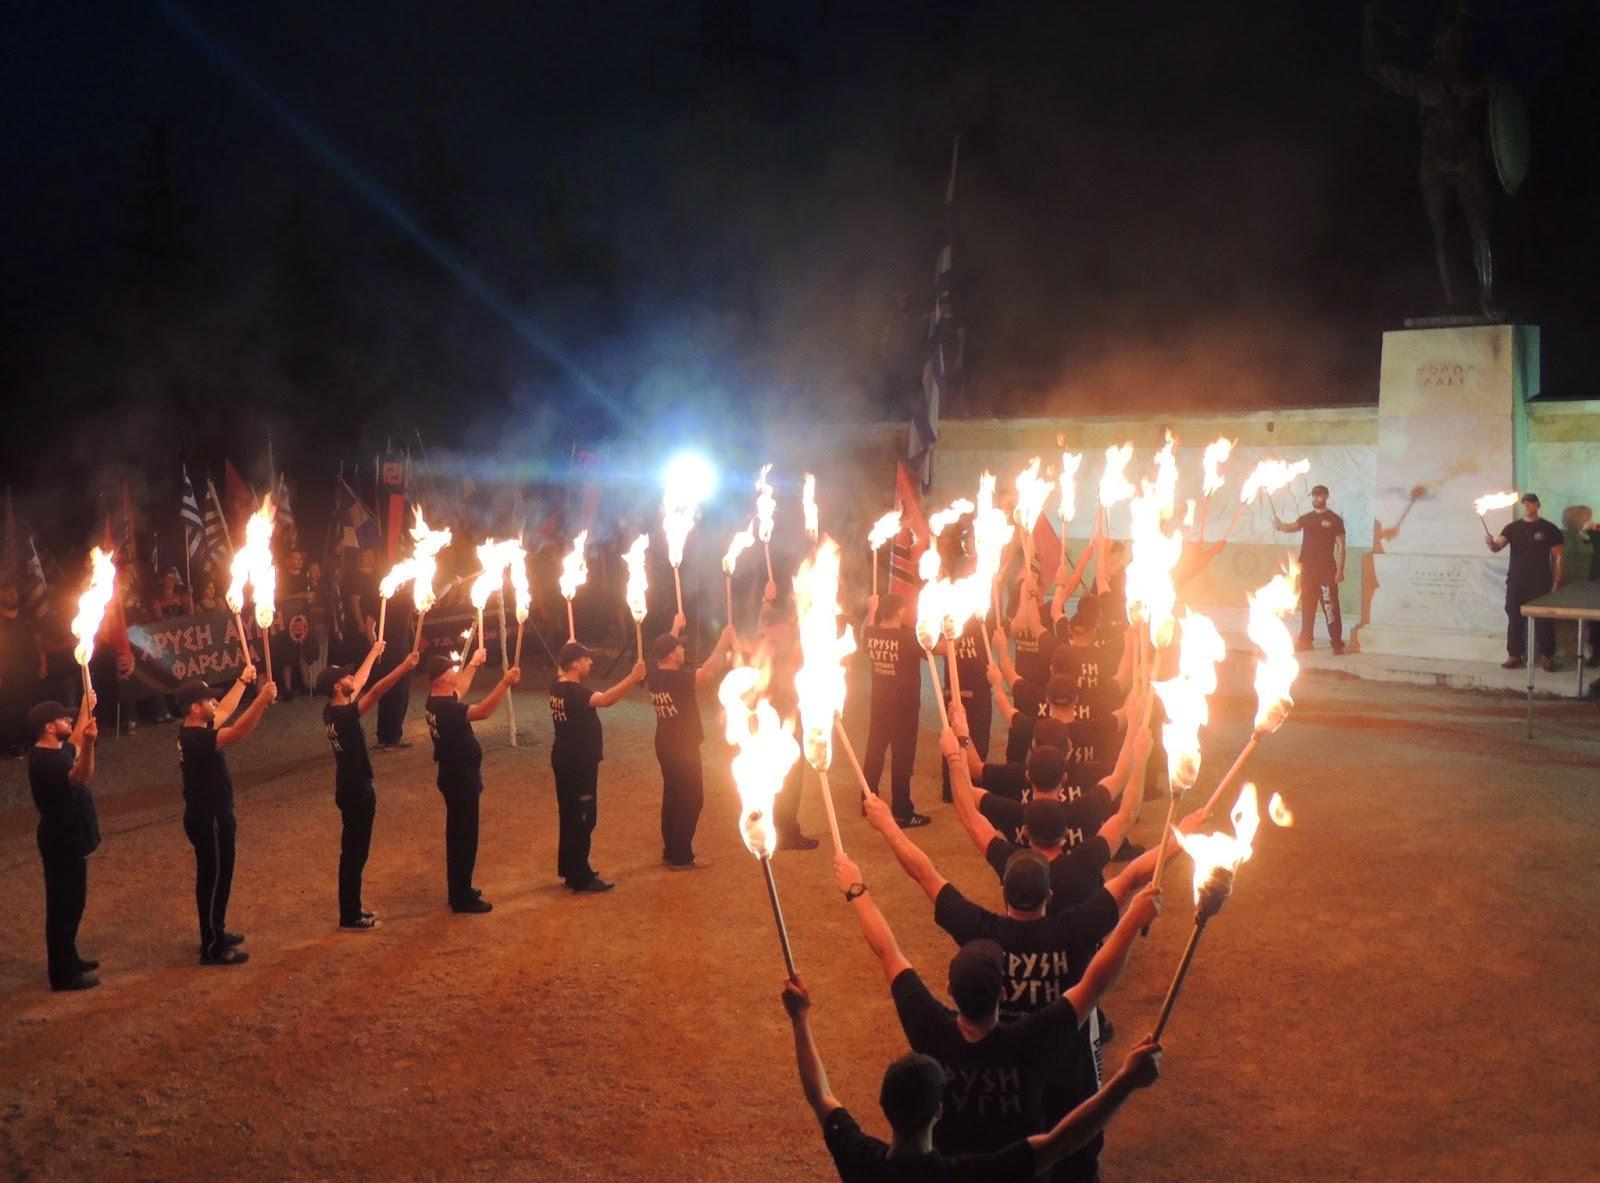 Χιλιάδες Έλληνες τίμησαν τον Βασιλιά Λεωνίδα και τους Αθανάτους υπερασπιστές των Θερμοπυλών - Φωτορεπορτάζ